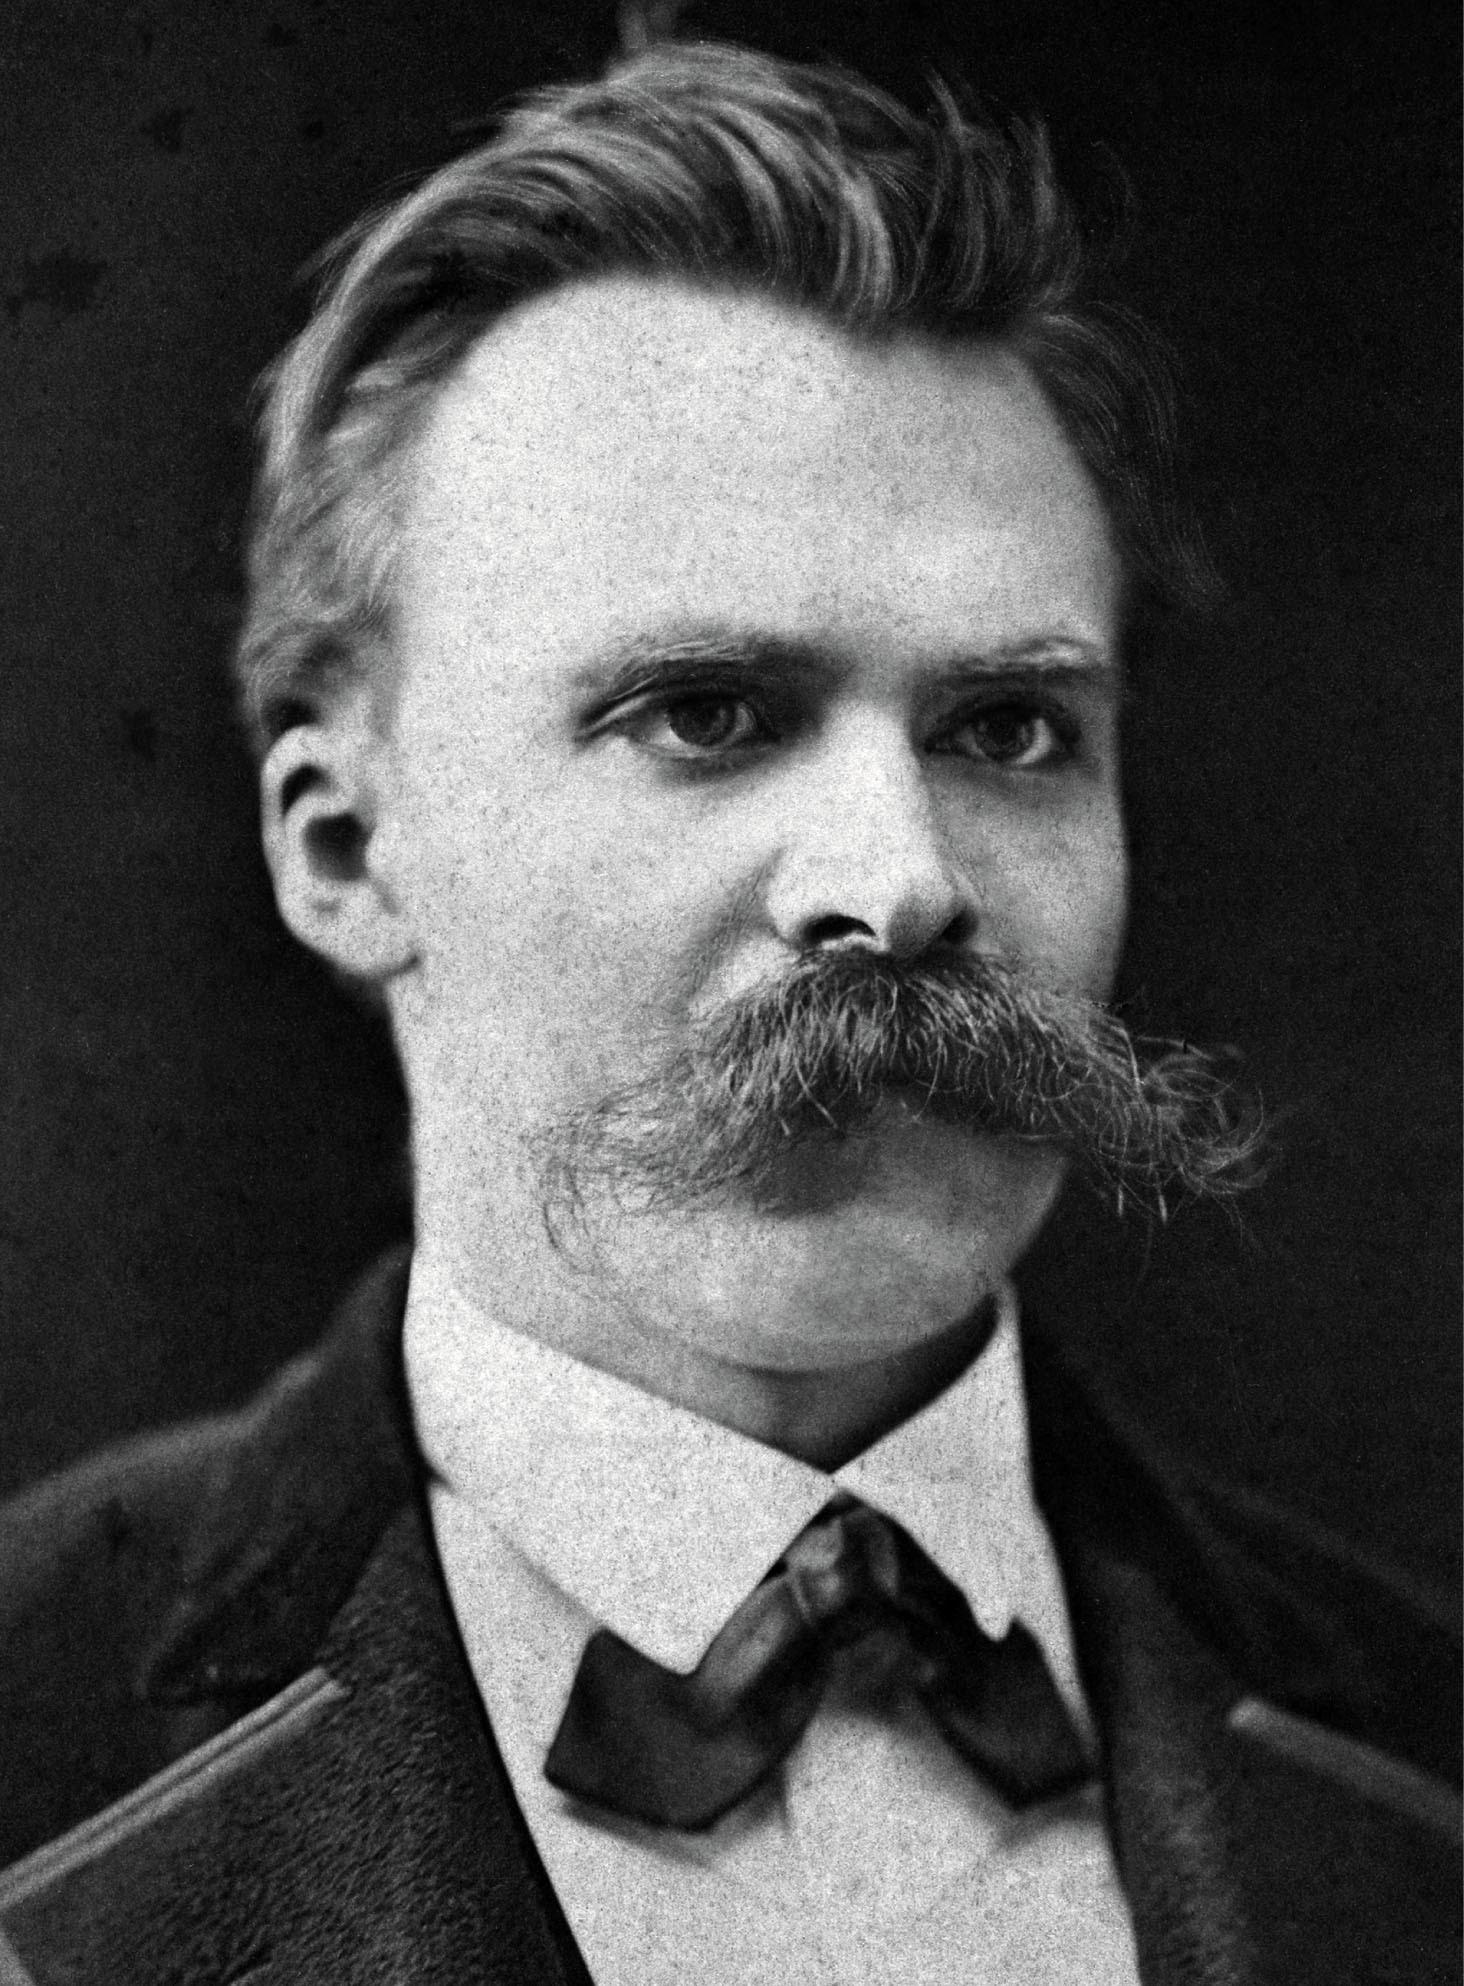 Nietzsche in Basel, c. 1875